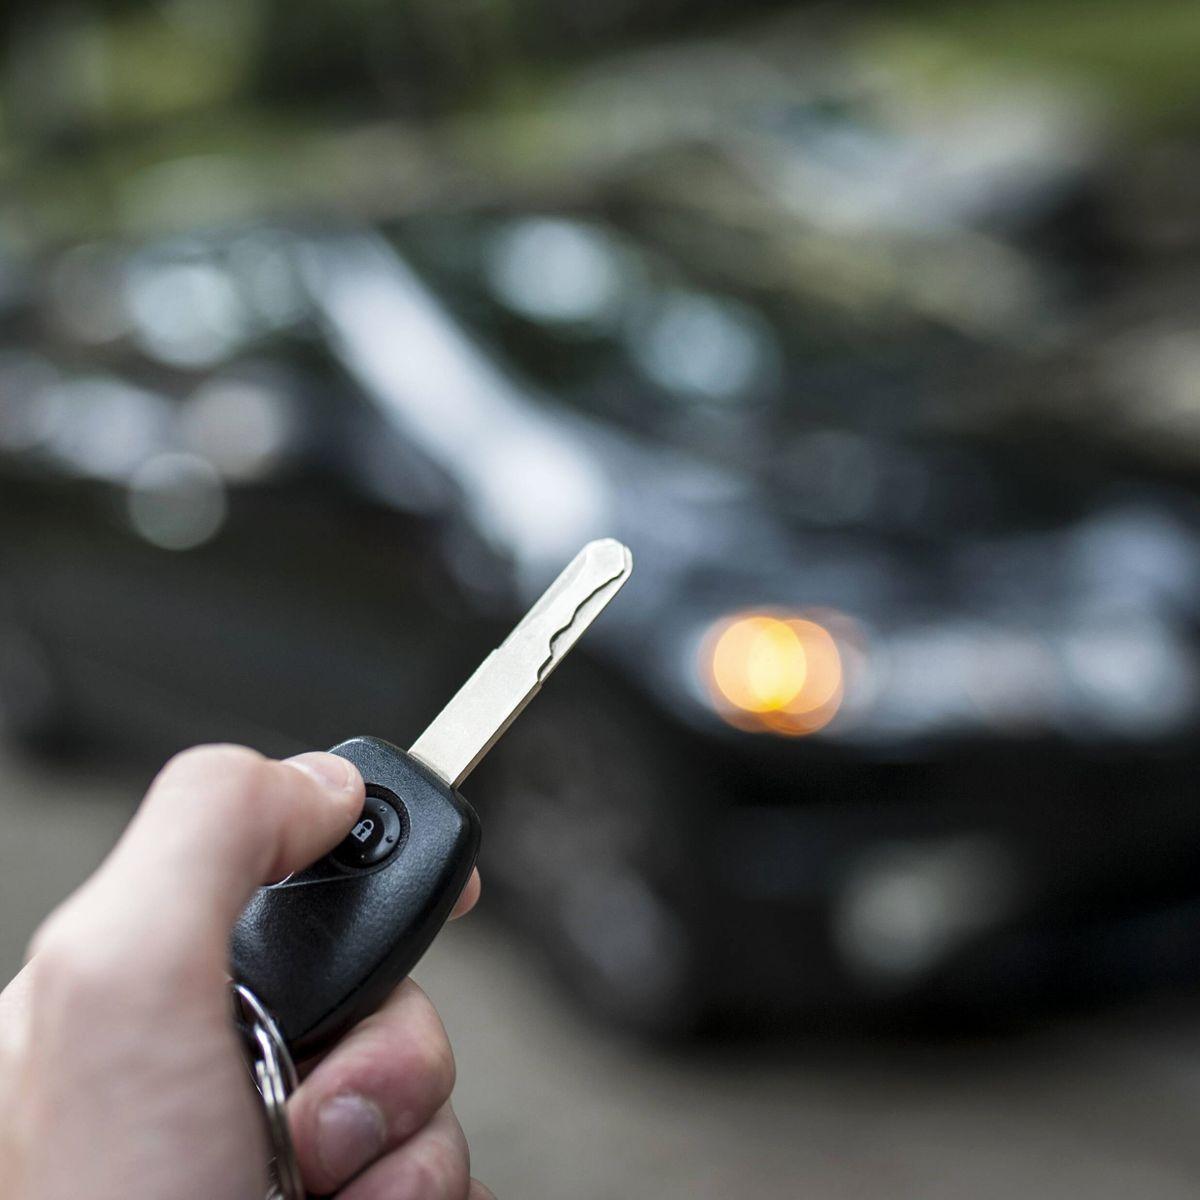 Trotz Fahrverbot: Polizei nimmt Rentner das Auto weg - der holt es heimlich wieder ab